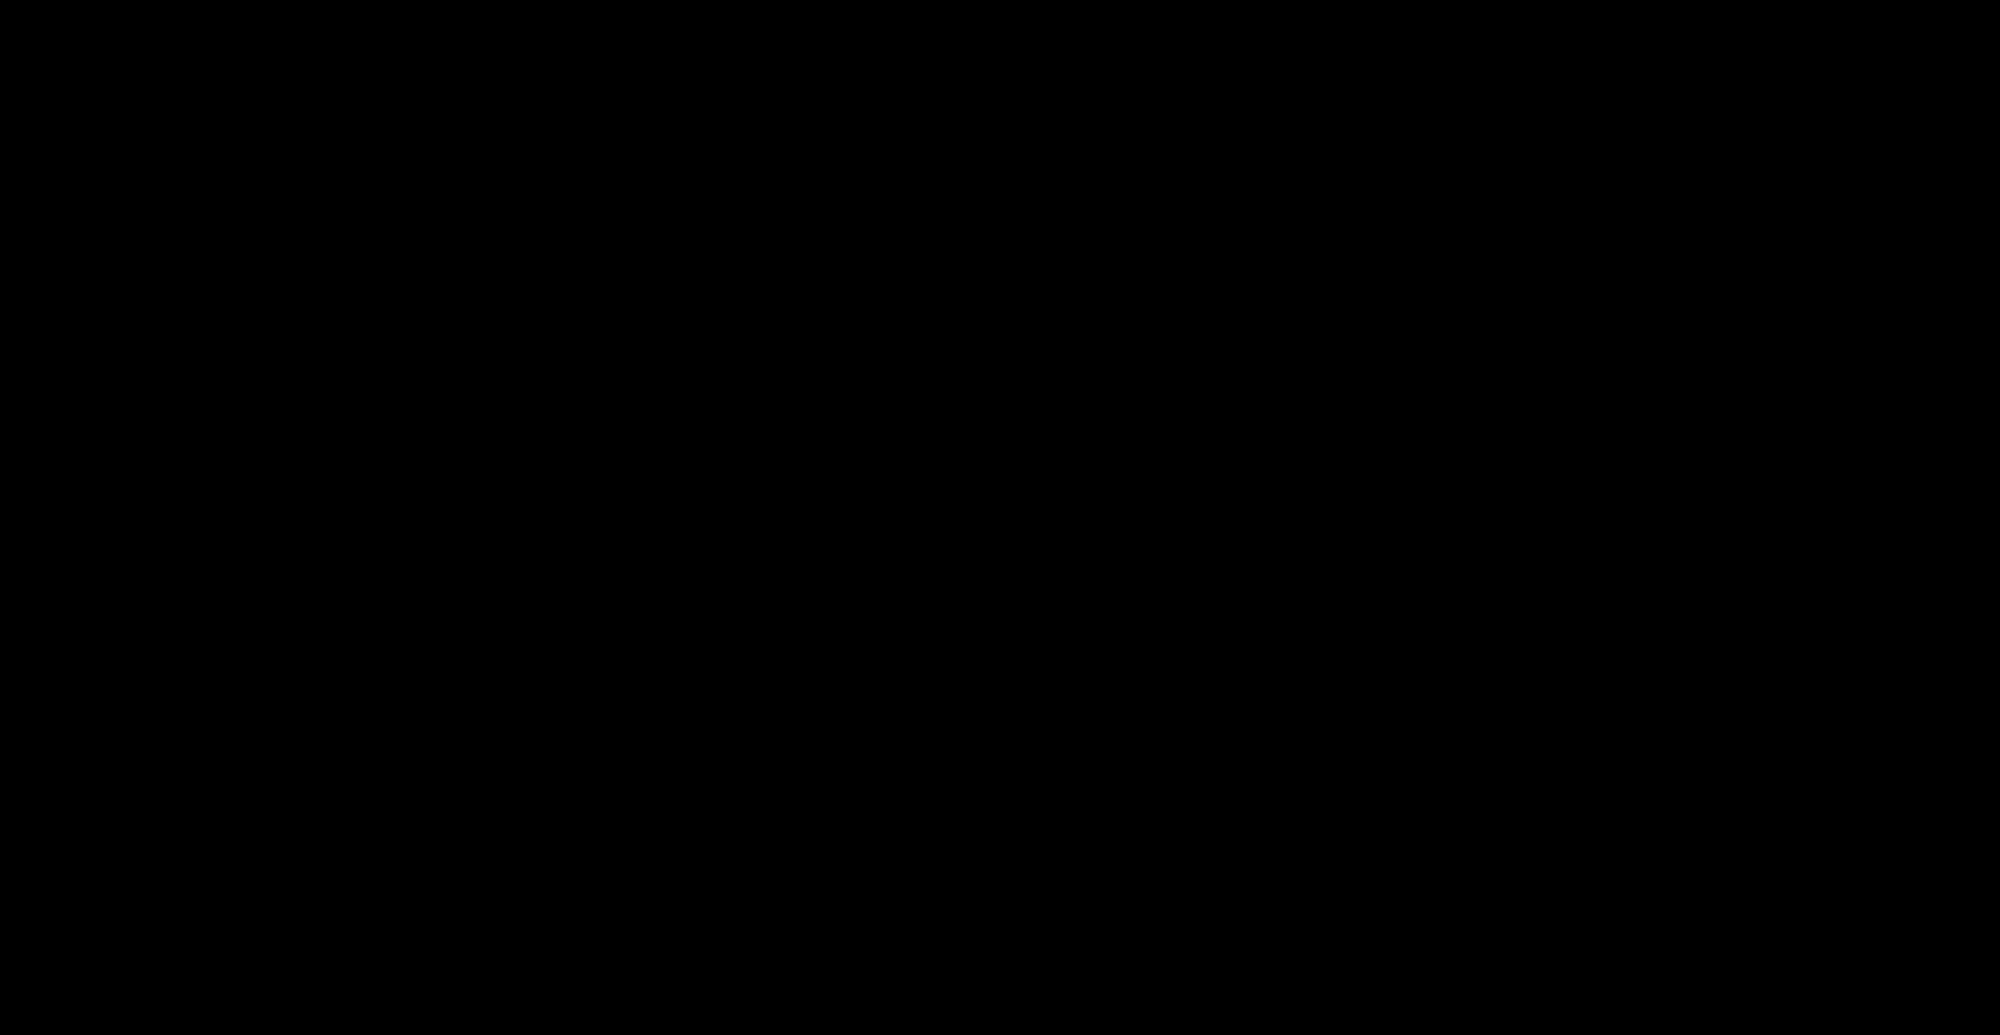 Doom PNG - 17609